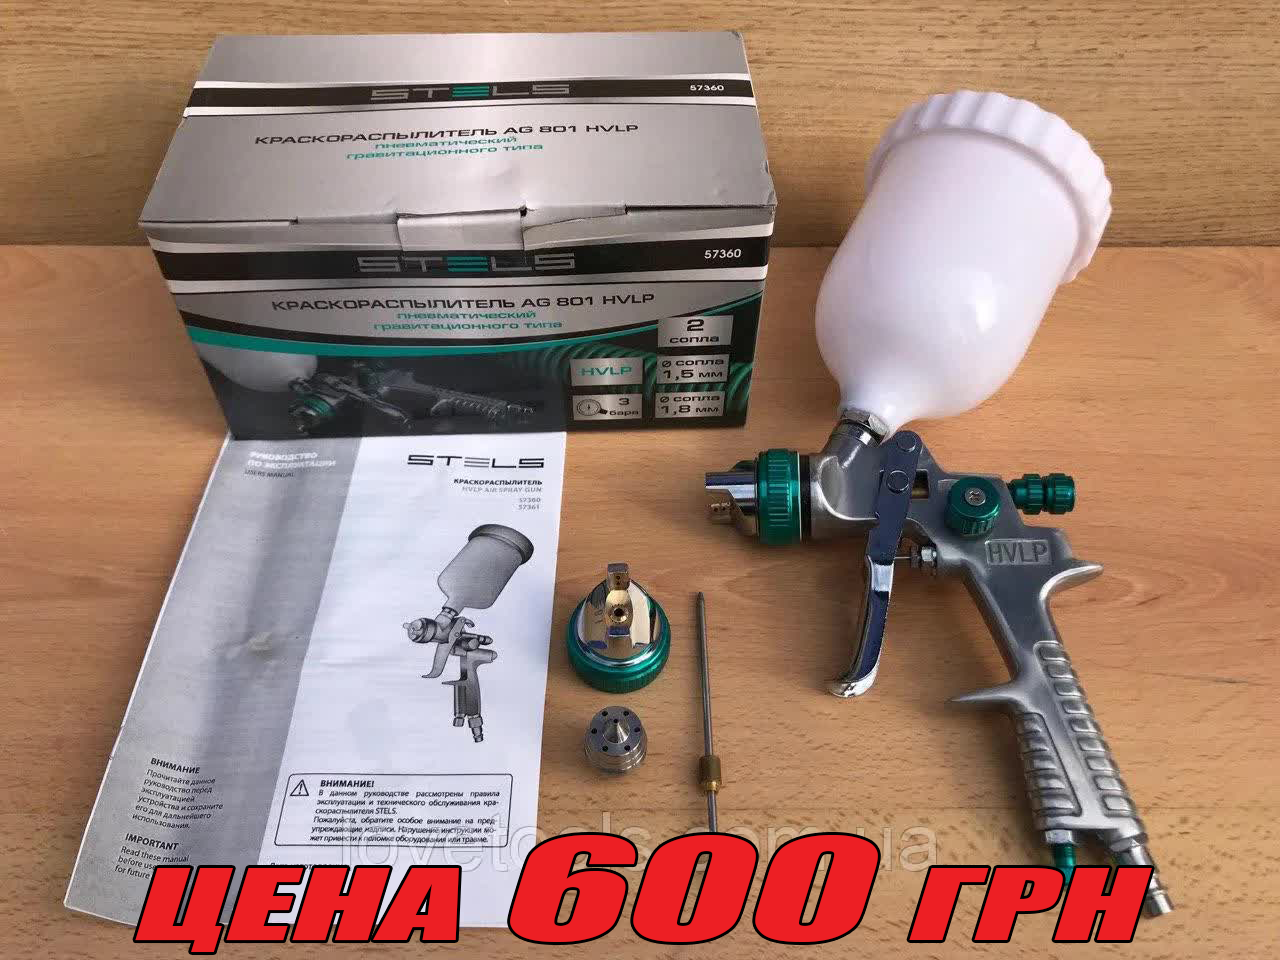 Краскораспылитель AG 801 HVLP, гравитационный, сопло 1,5 мм и 1,8 мм Stels